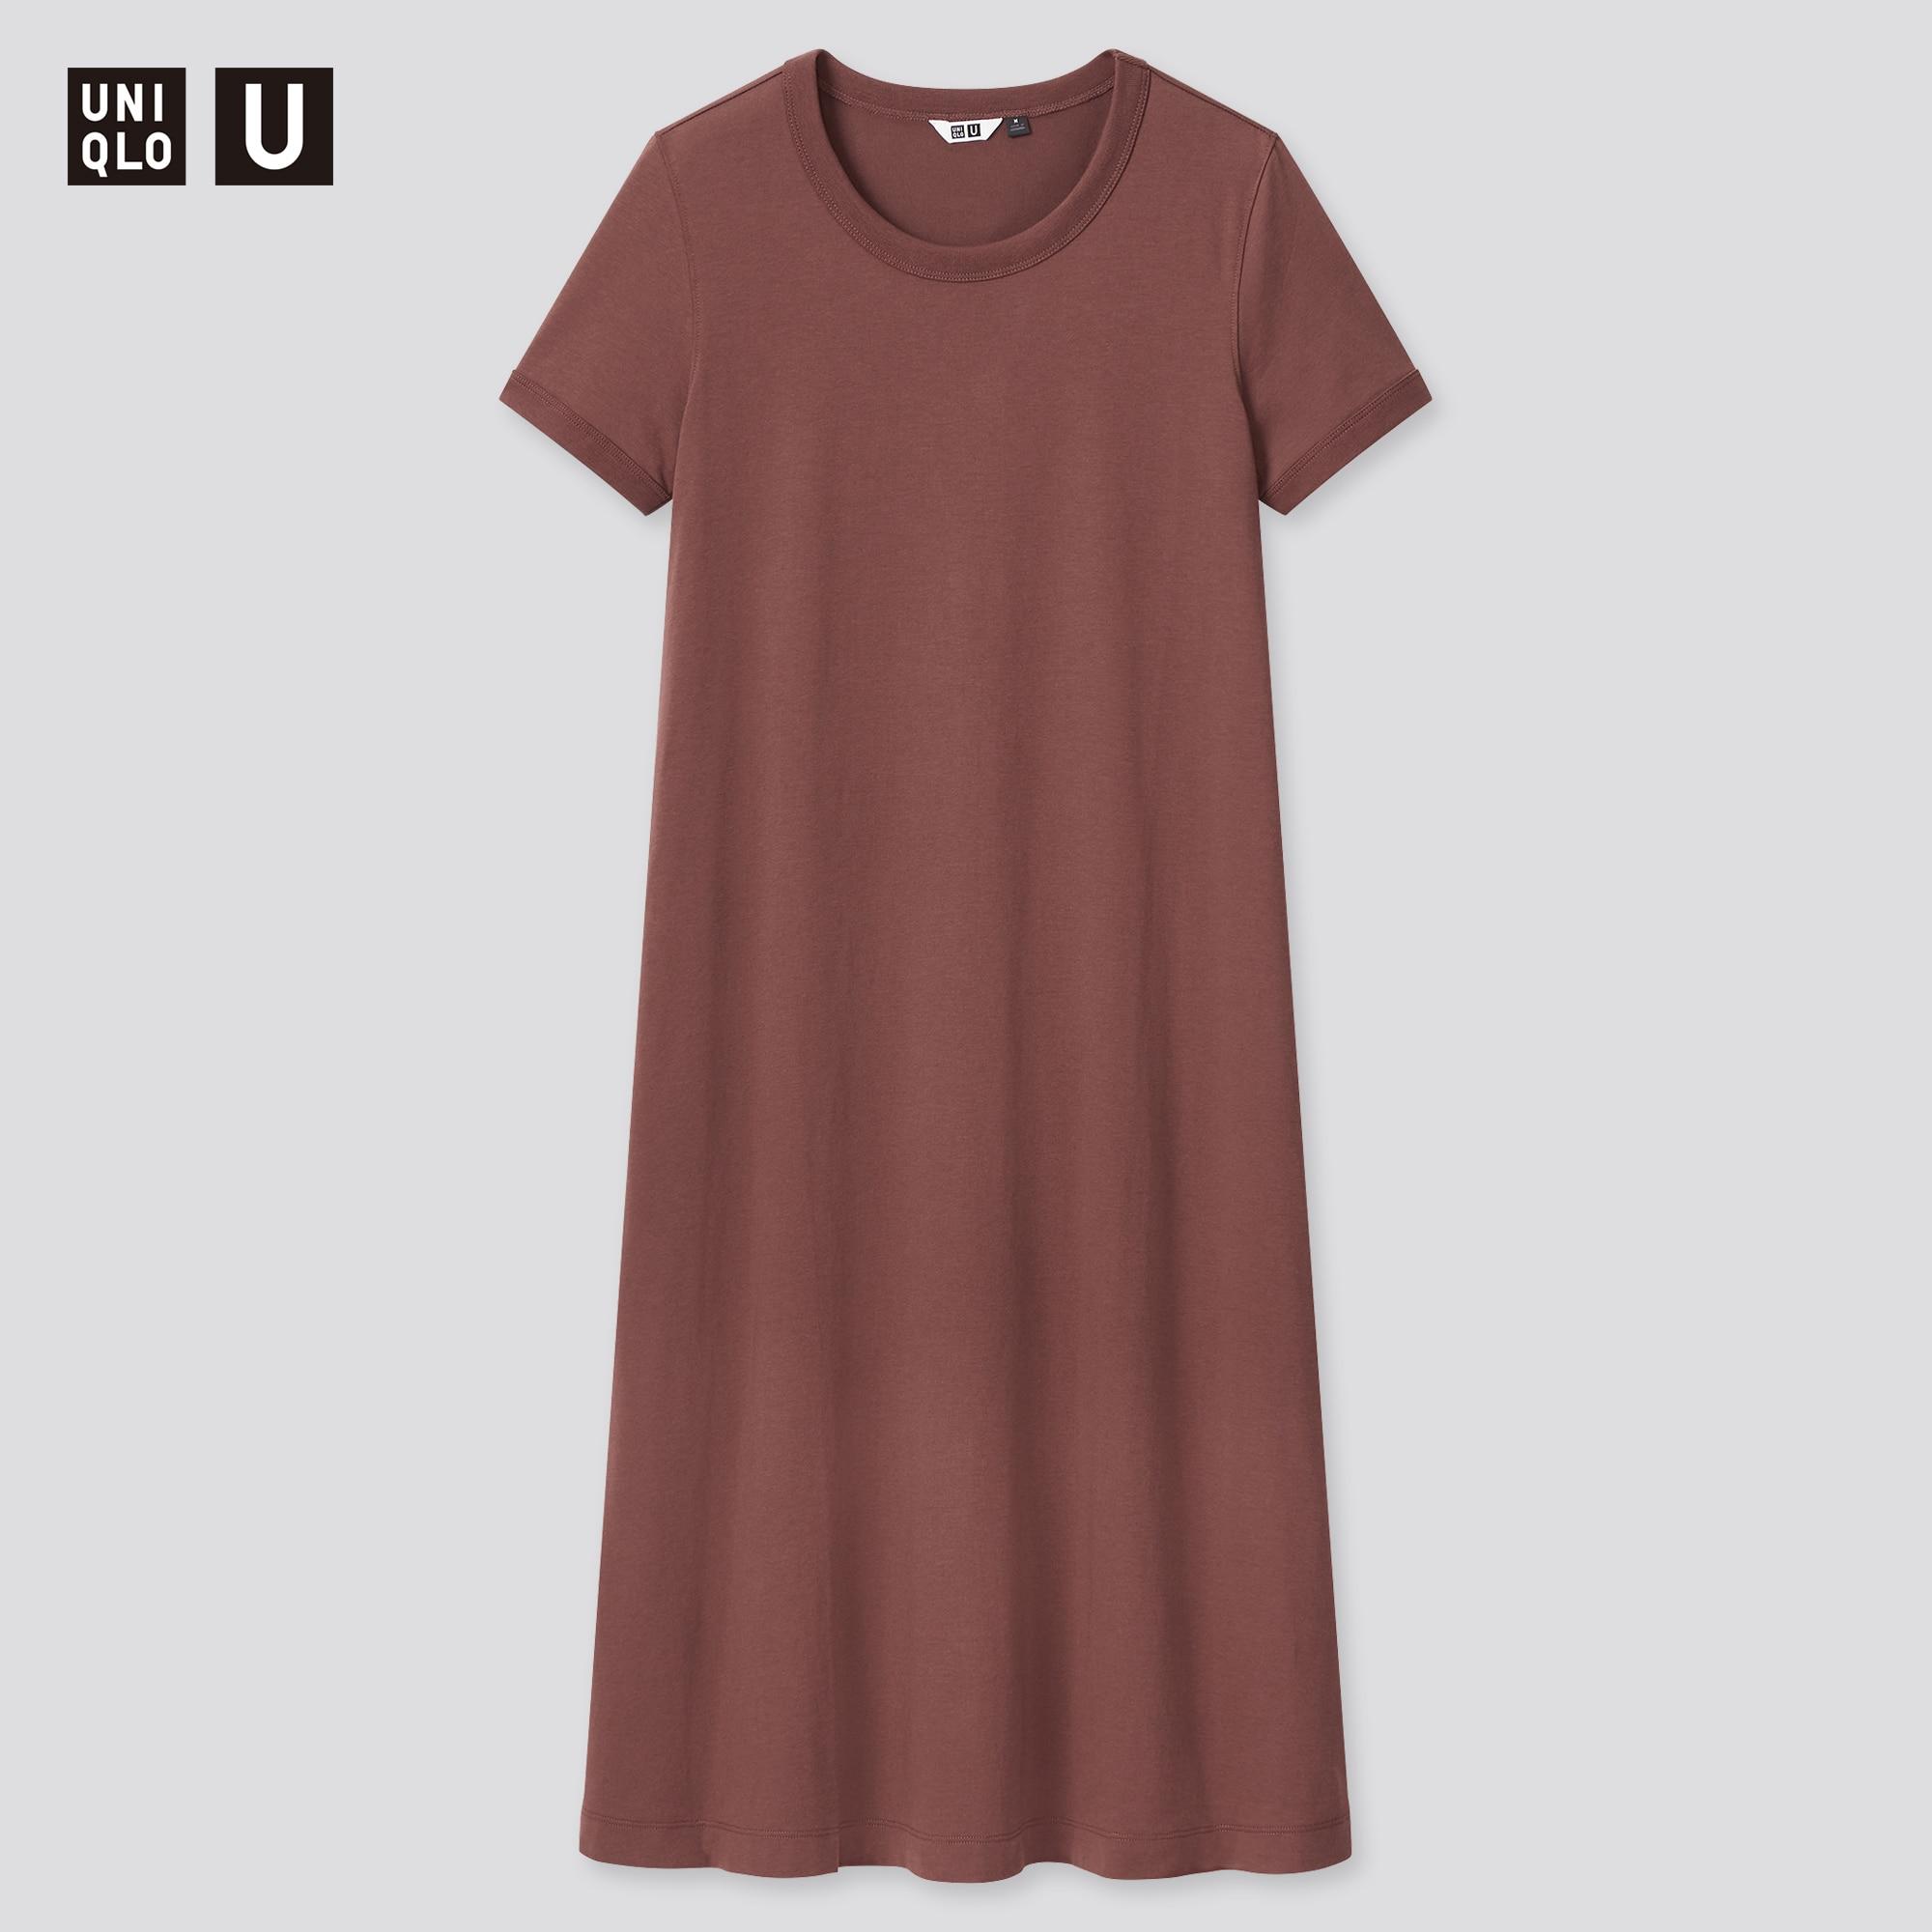 WOMEN U AIRism COTTON SHORT-SLEEVE LONG DRESS